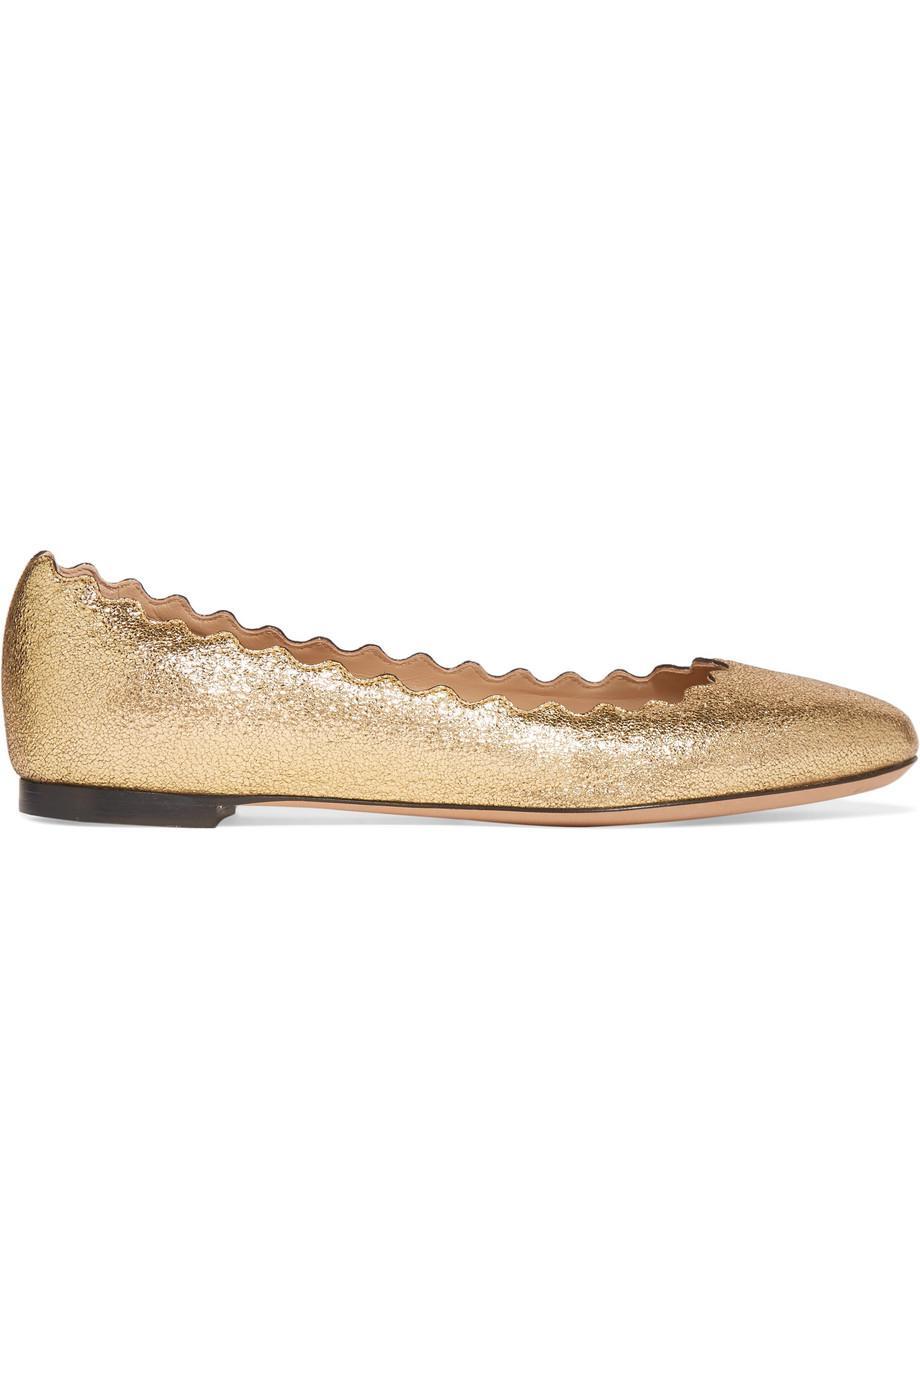 Lauren Scalloped Metallic Cracked-leather Ballet Flats - Gold Chlo uw0zb